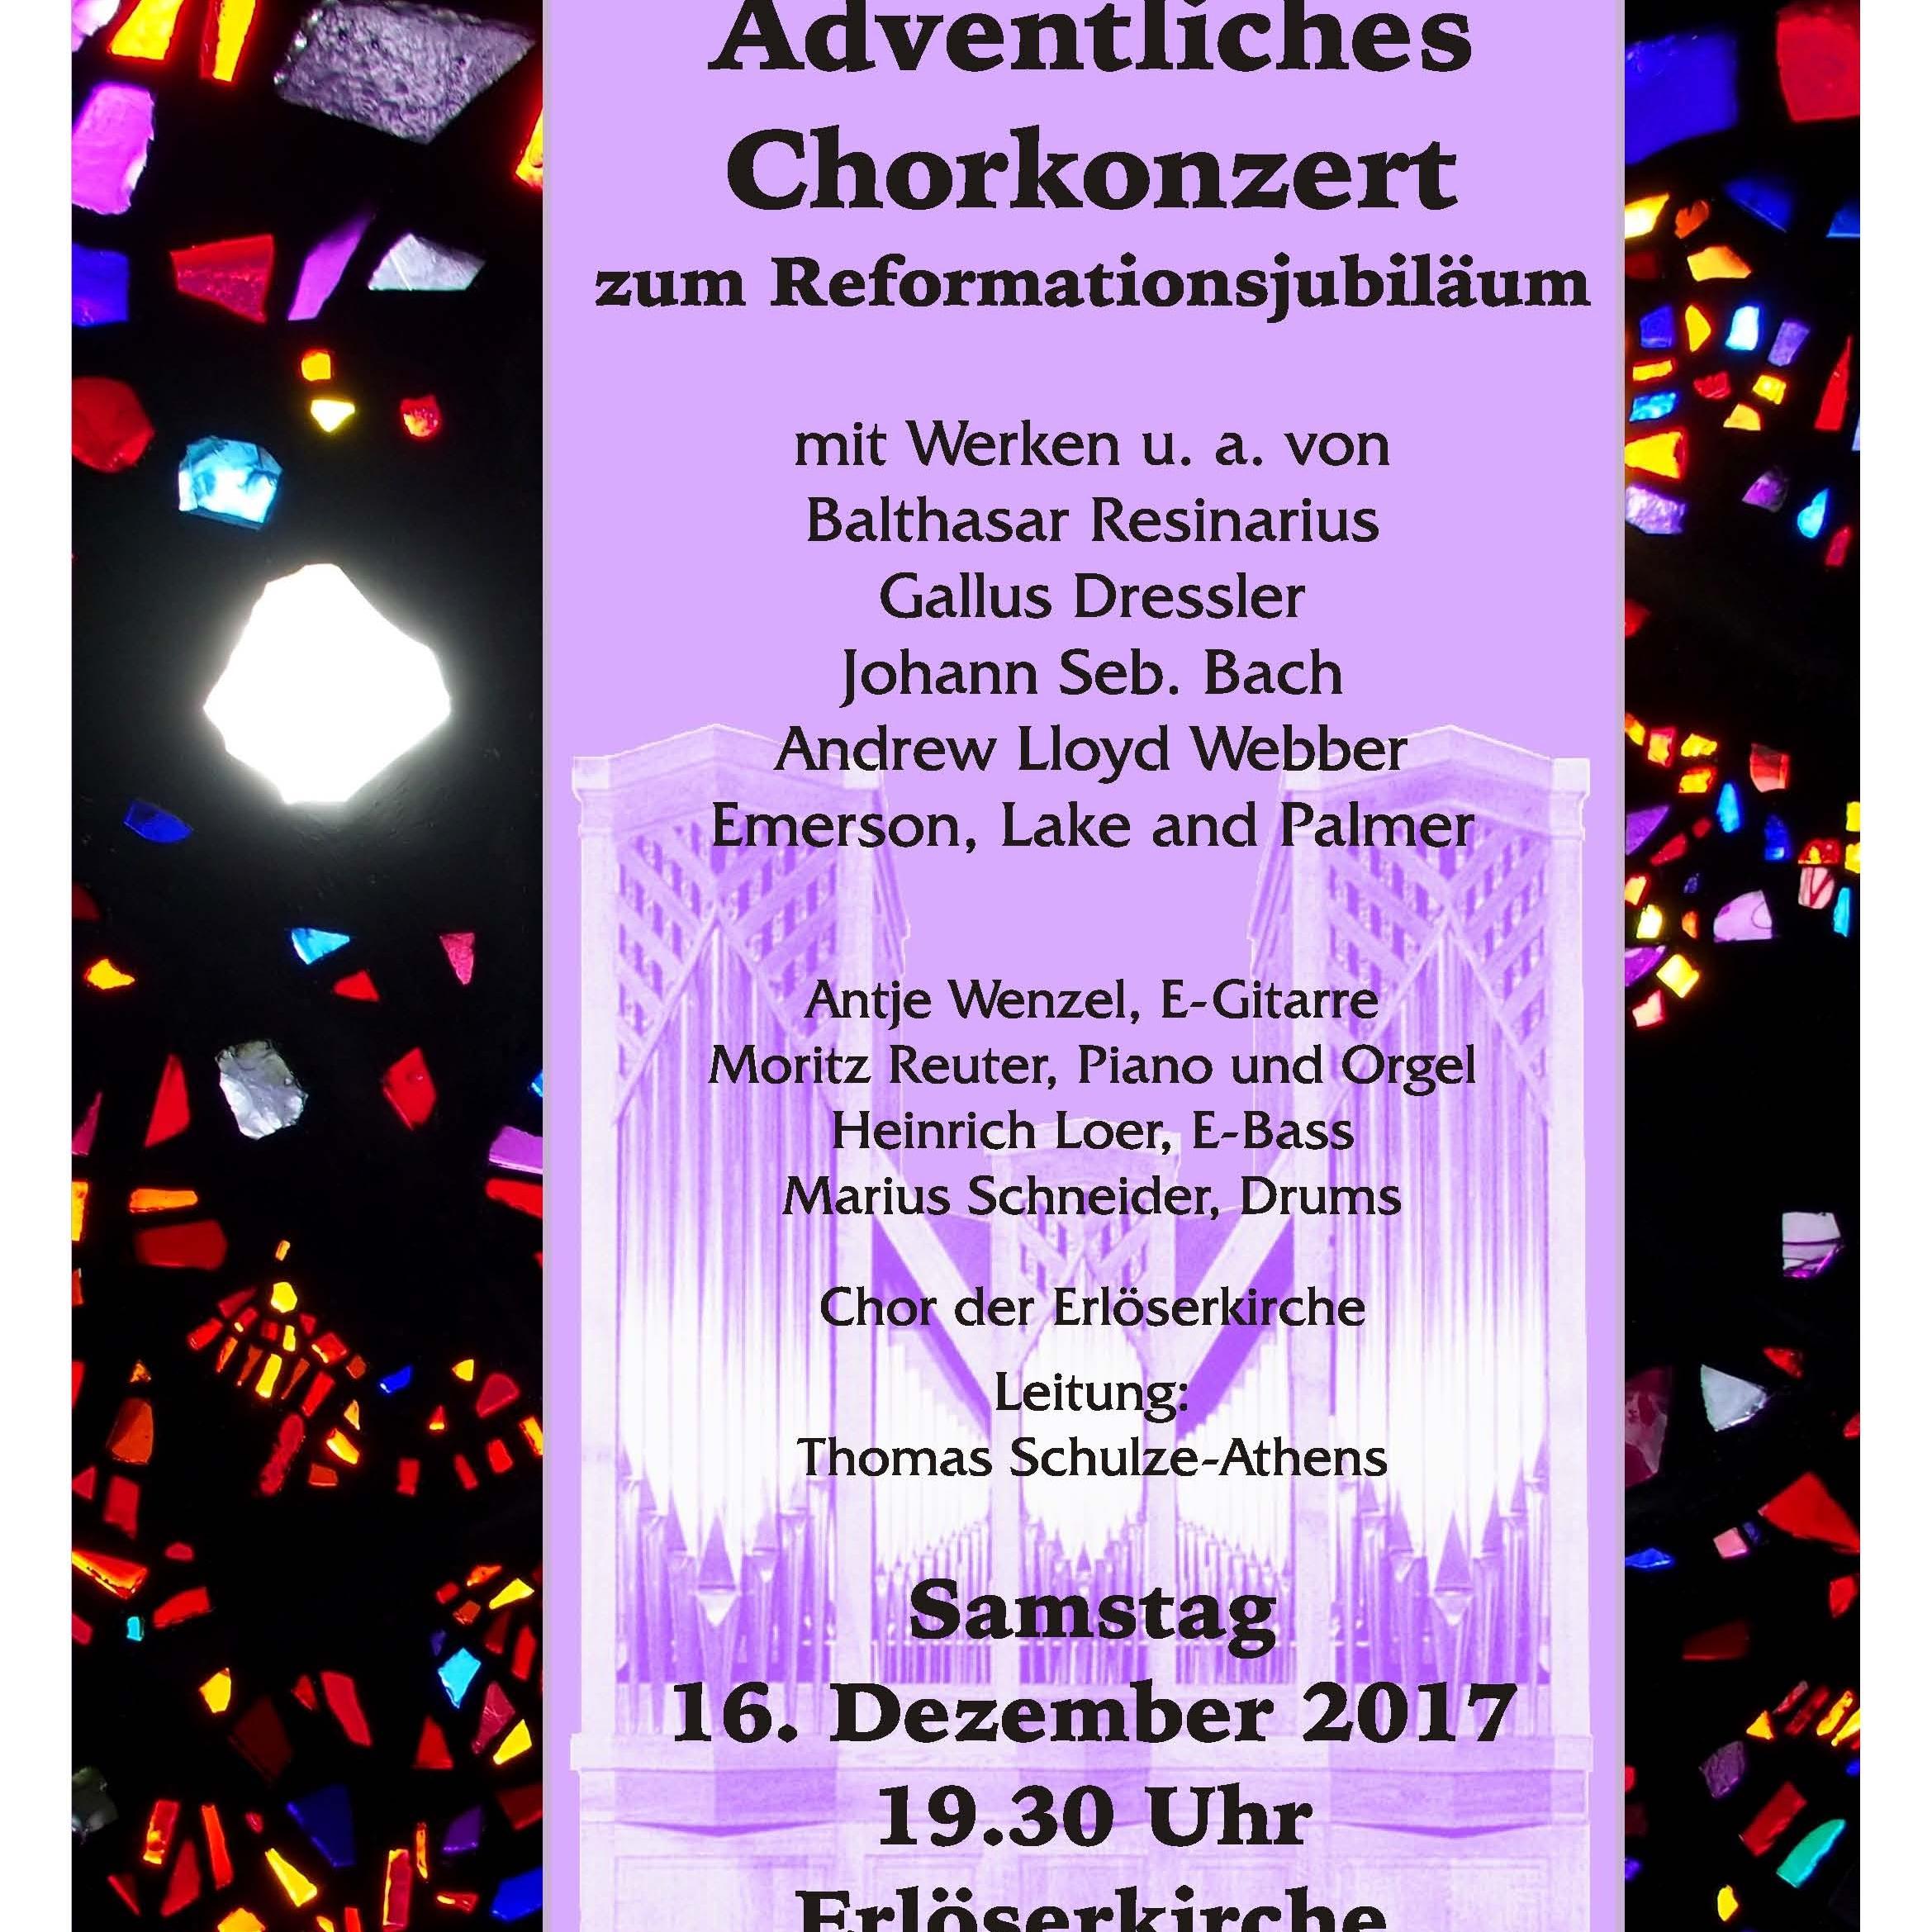 Am 16. Dezember in Elsen Musikalischer Nachschlag zum Reformationsjubiläum